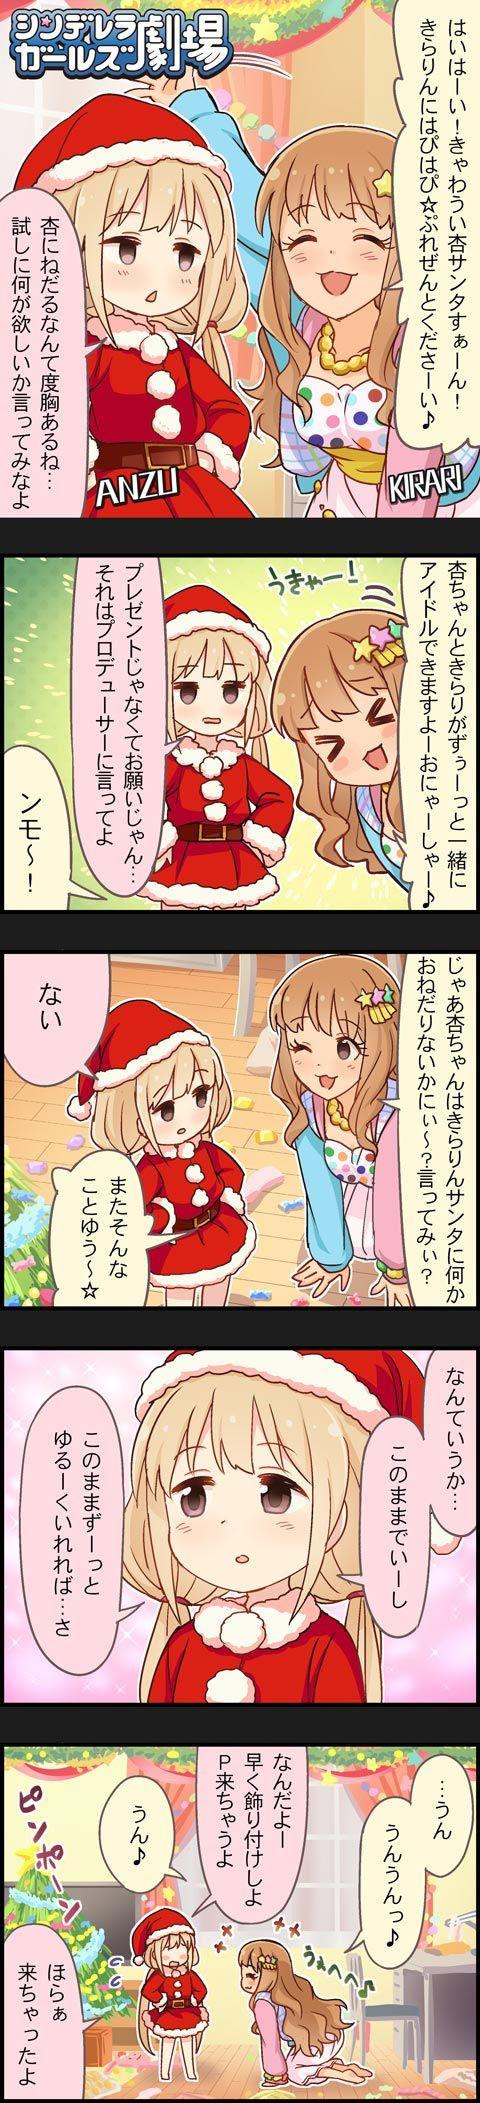 【第616話】杏サンタにお願い